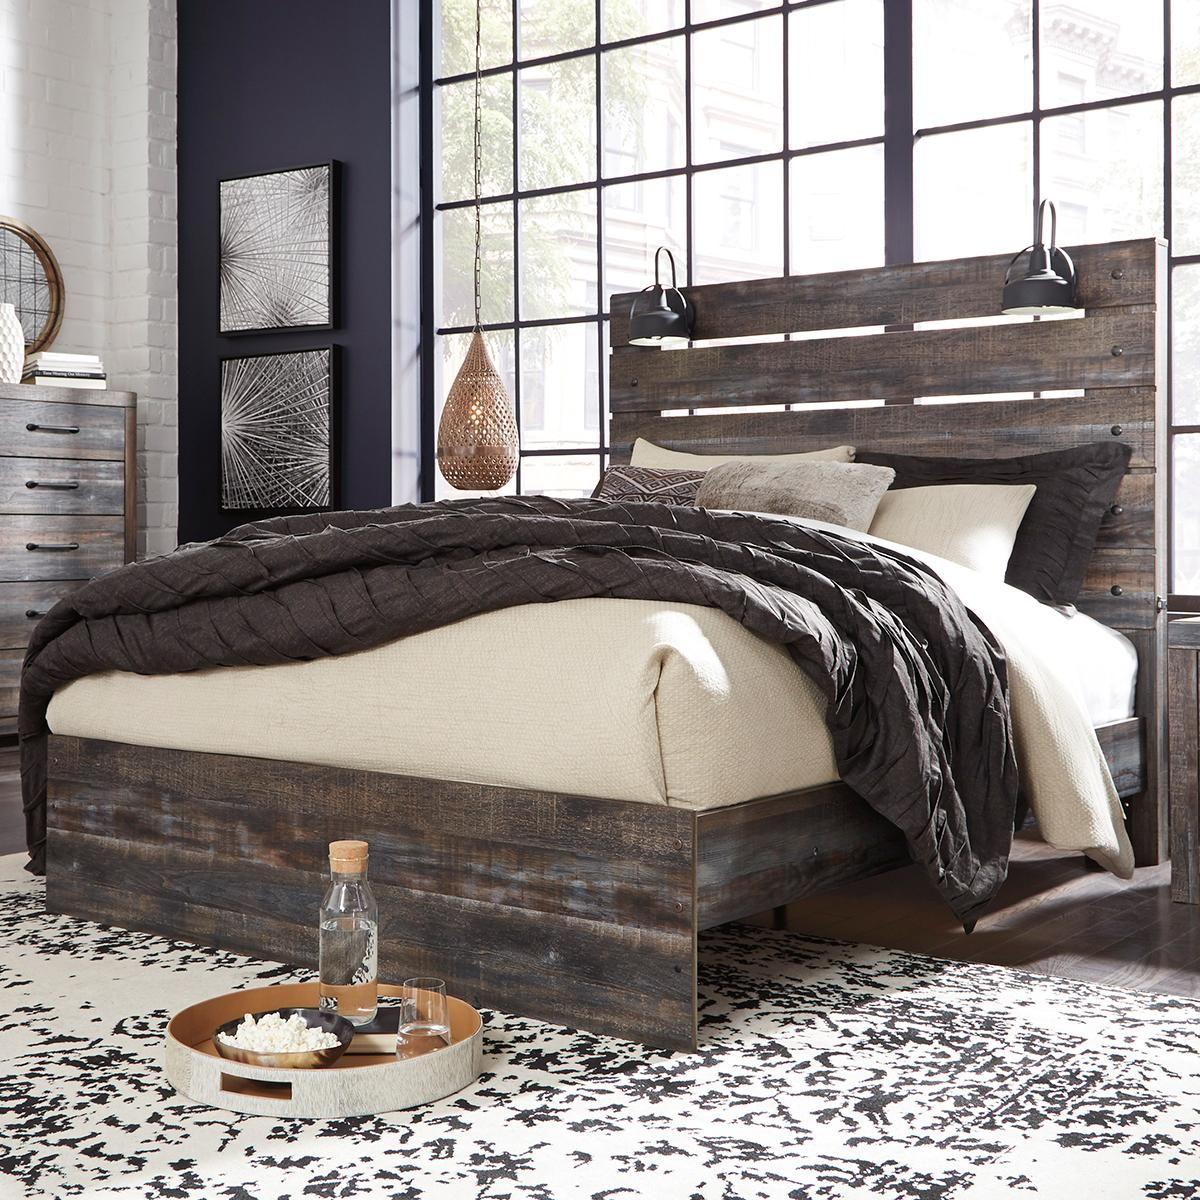 Drystan Queen Panel Bed in Burnt Orange and Teal